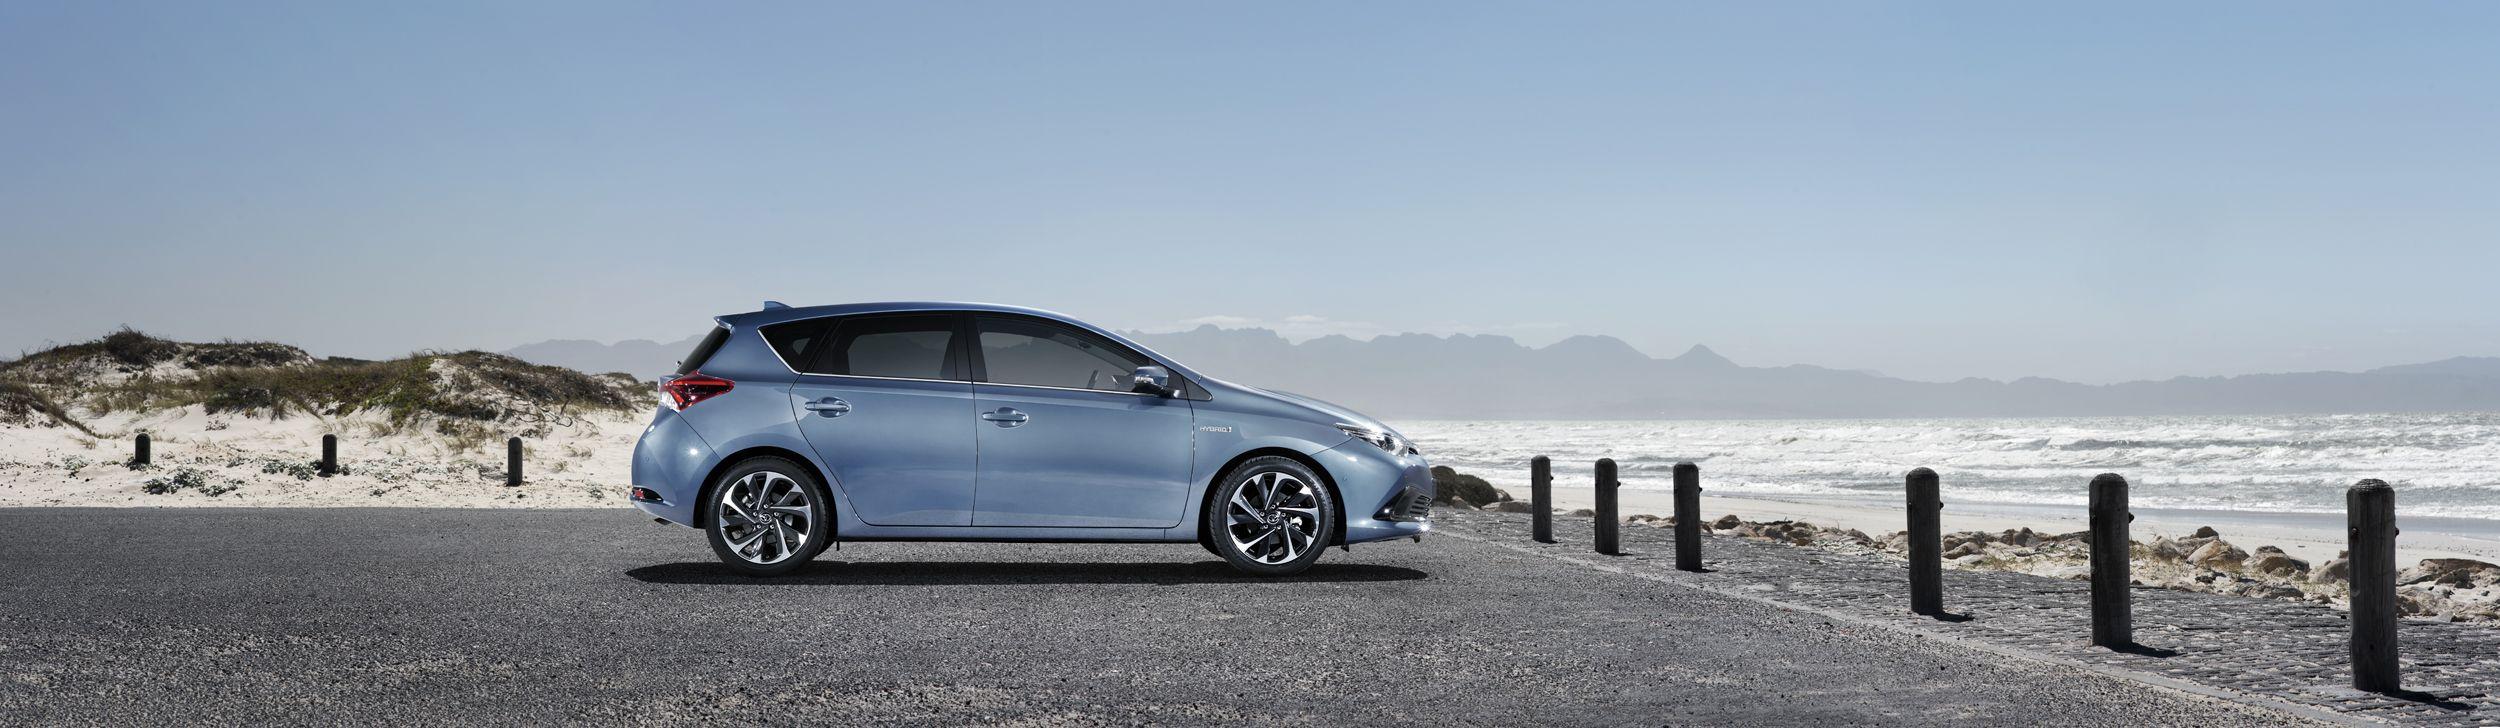 Conheca As Imagens Do Novo Toyota Auris Divulgado No Salao Internacional Do Automovel De Genebra 2015 Disenos De Unas